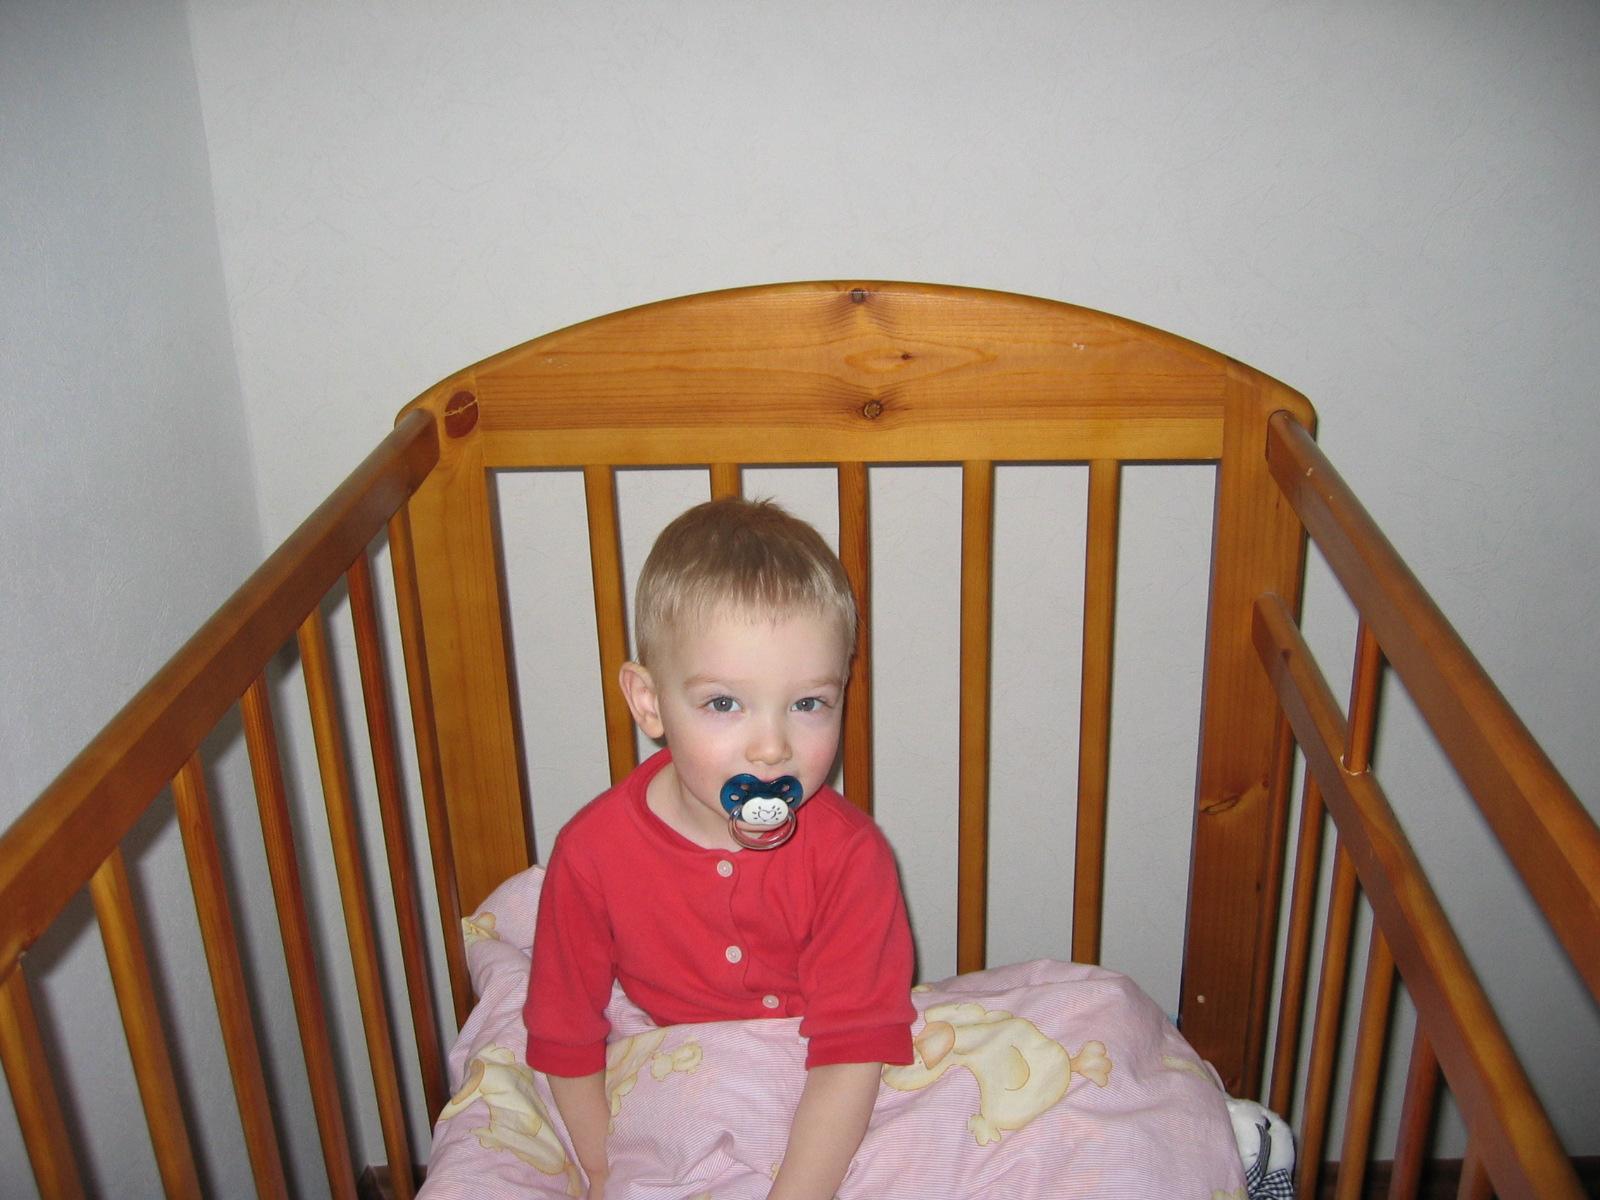 Фотосессия перед сном!. Мой малыш перед сном